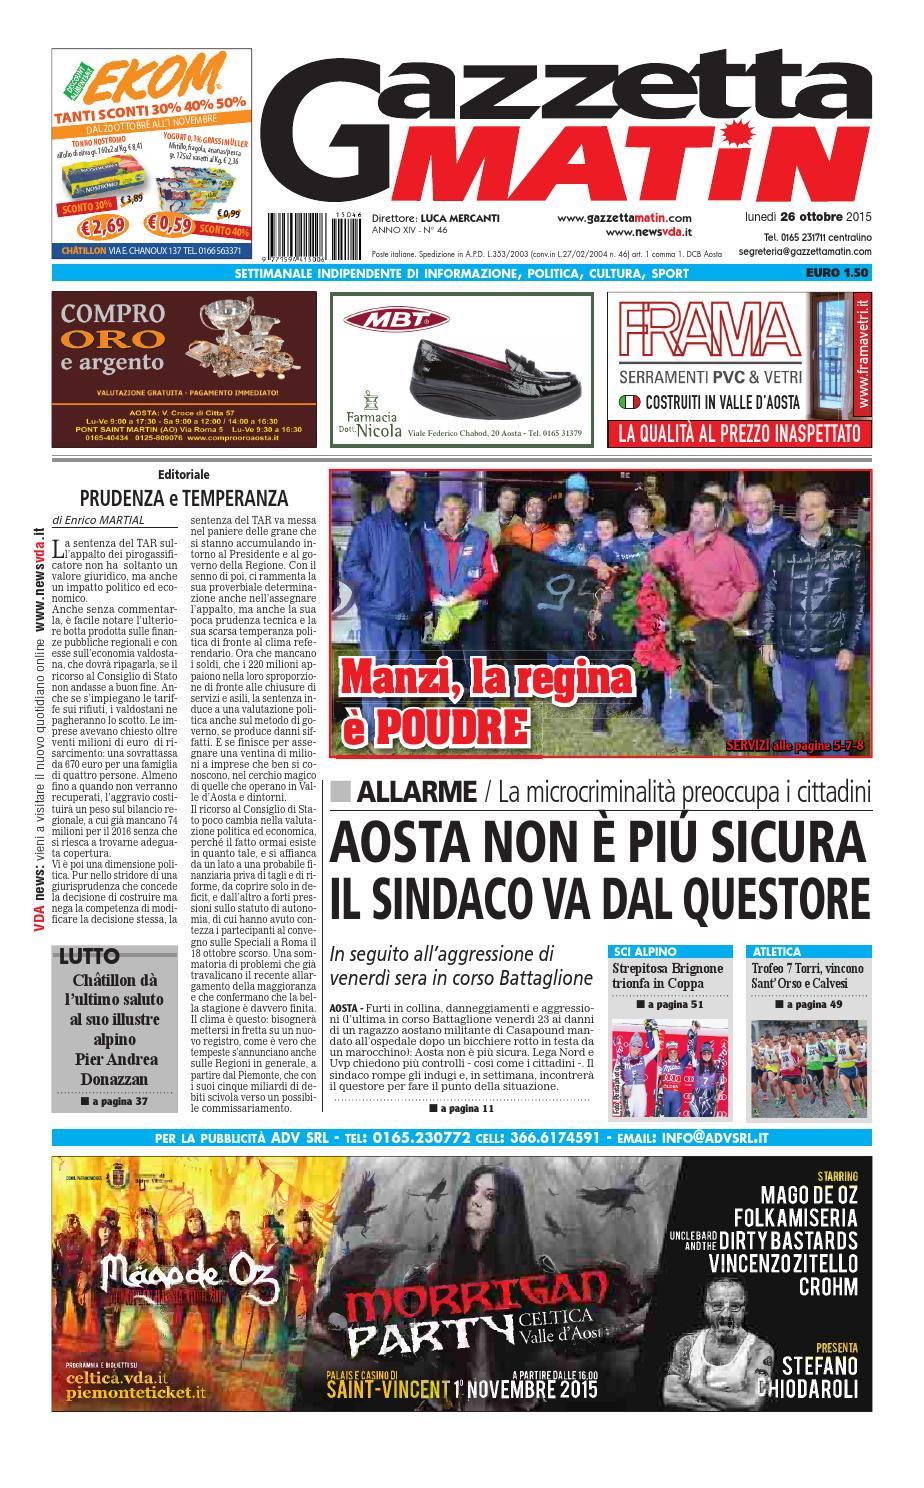 Gazzetta Matin del 26 ottobre 2015 by NewsVDA - issuu 690aeefc7061